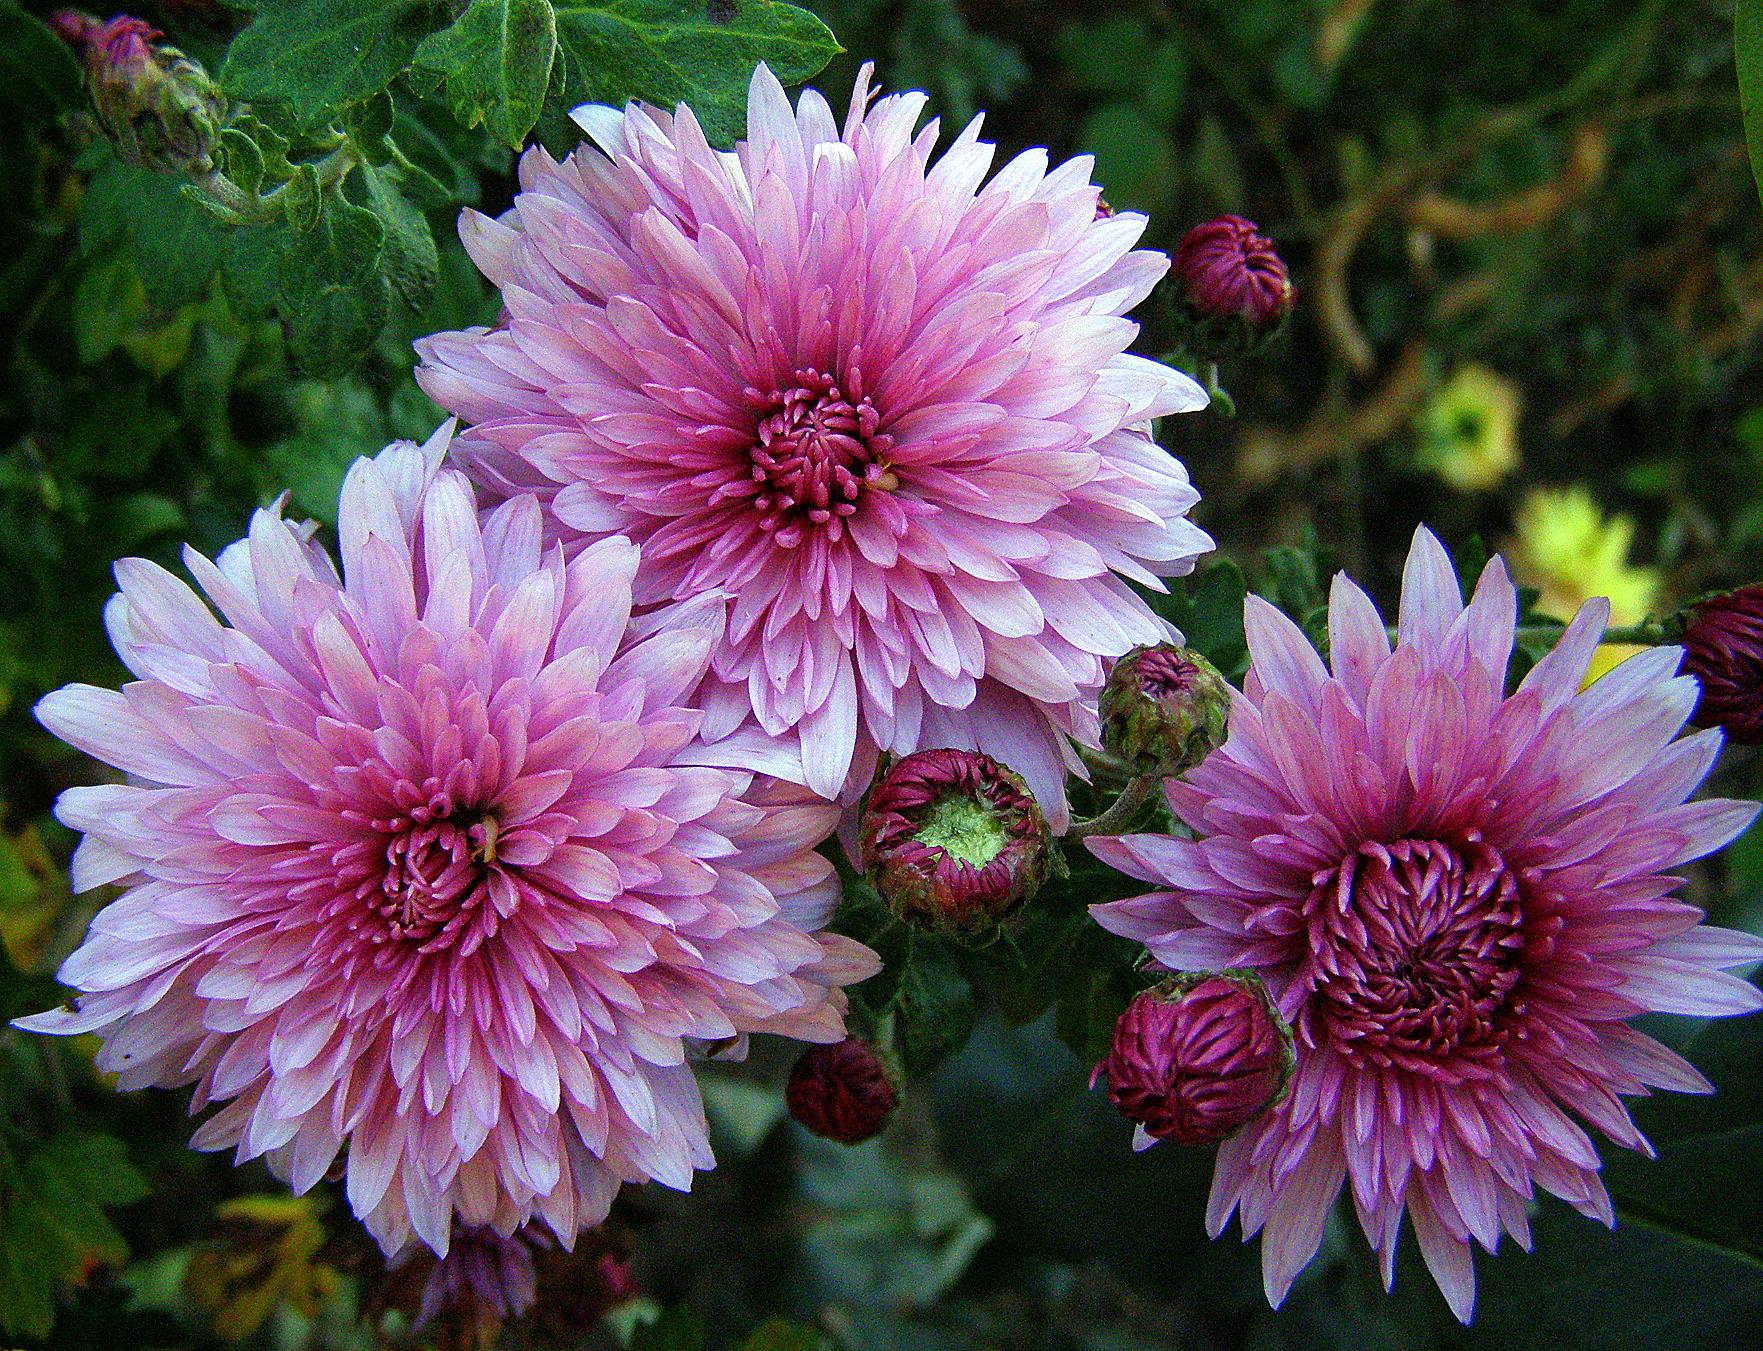 Картинка хризантема фото